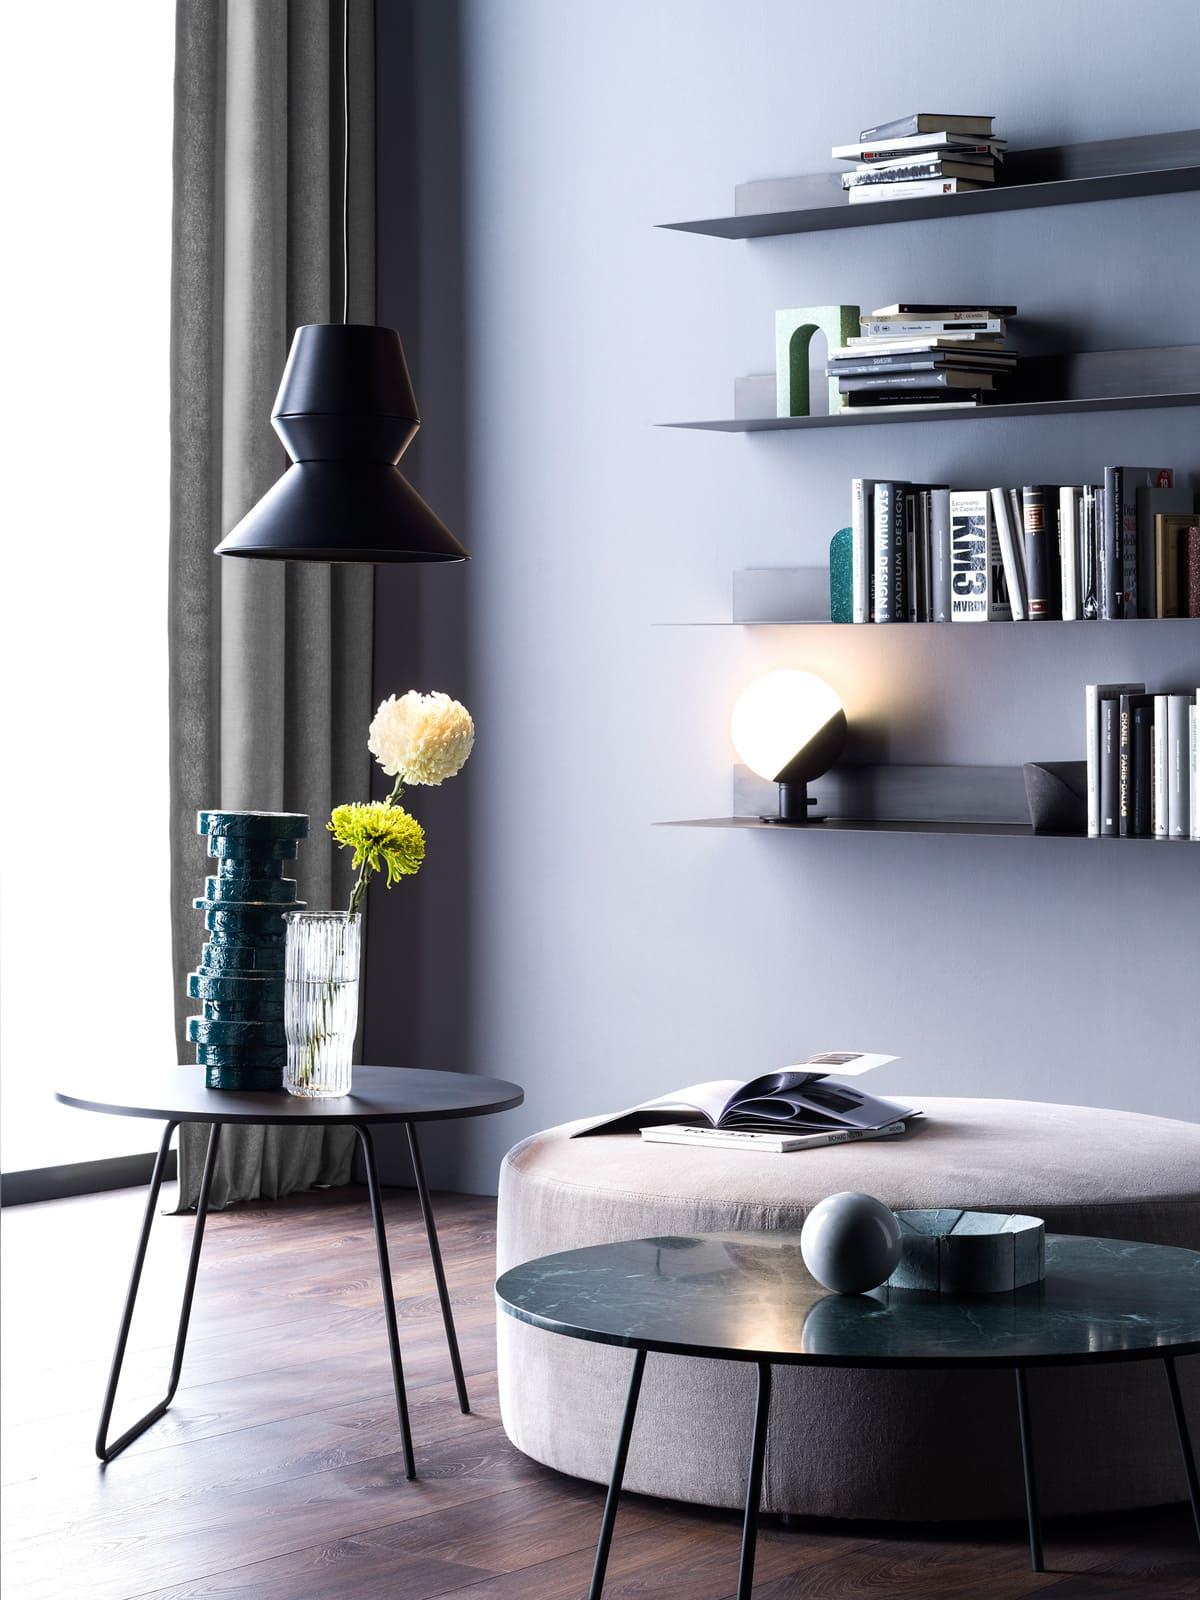 Ili ili Pendelleuchte und Baluna Table / Wall Grupa Leuchte mundgeblasenes Glas DesignOrt